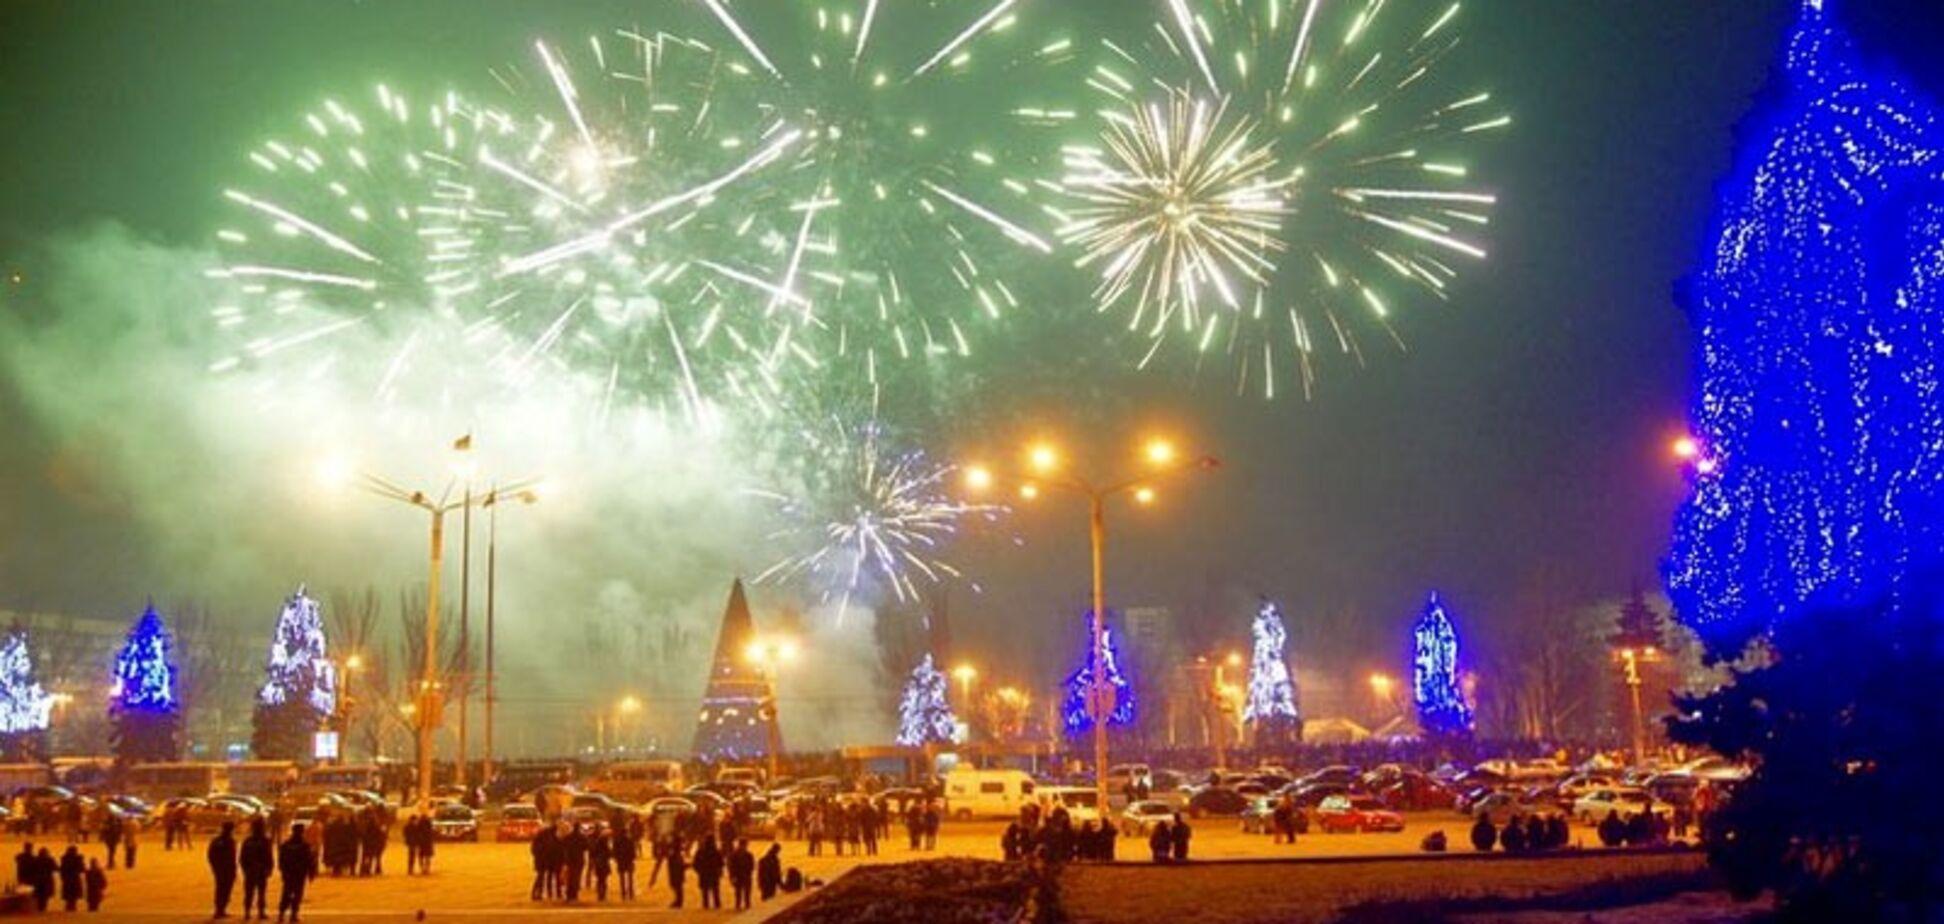 В Новогоднюю ночь на главной площади Запорожья организуют праздничный концерт